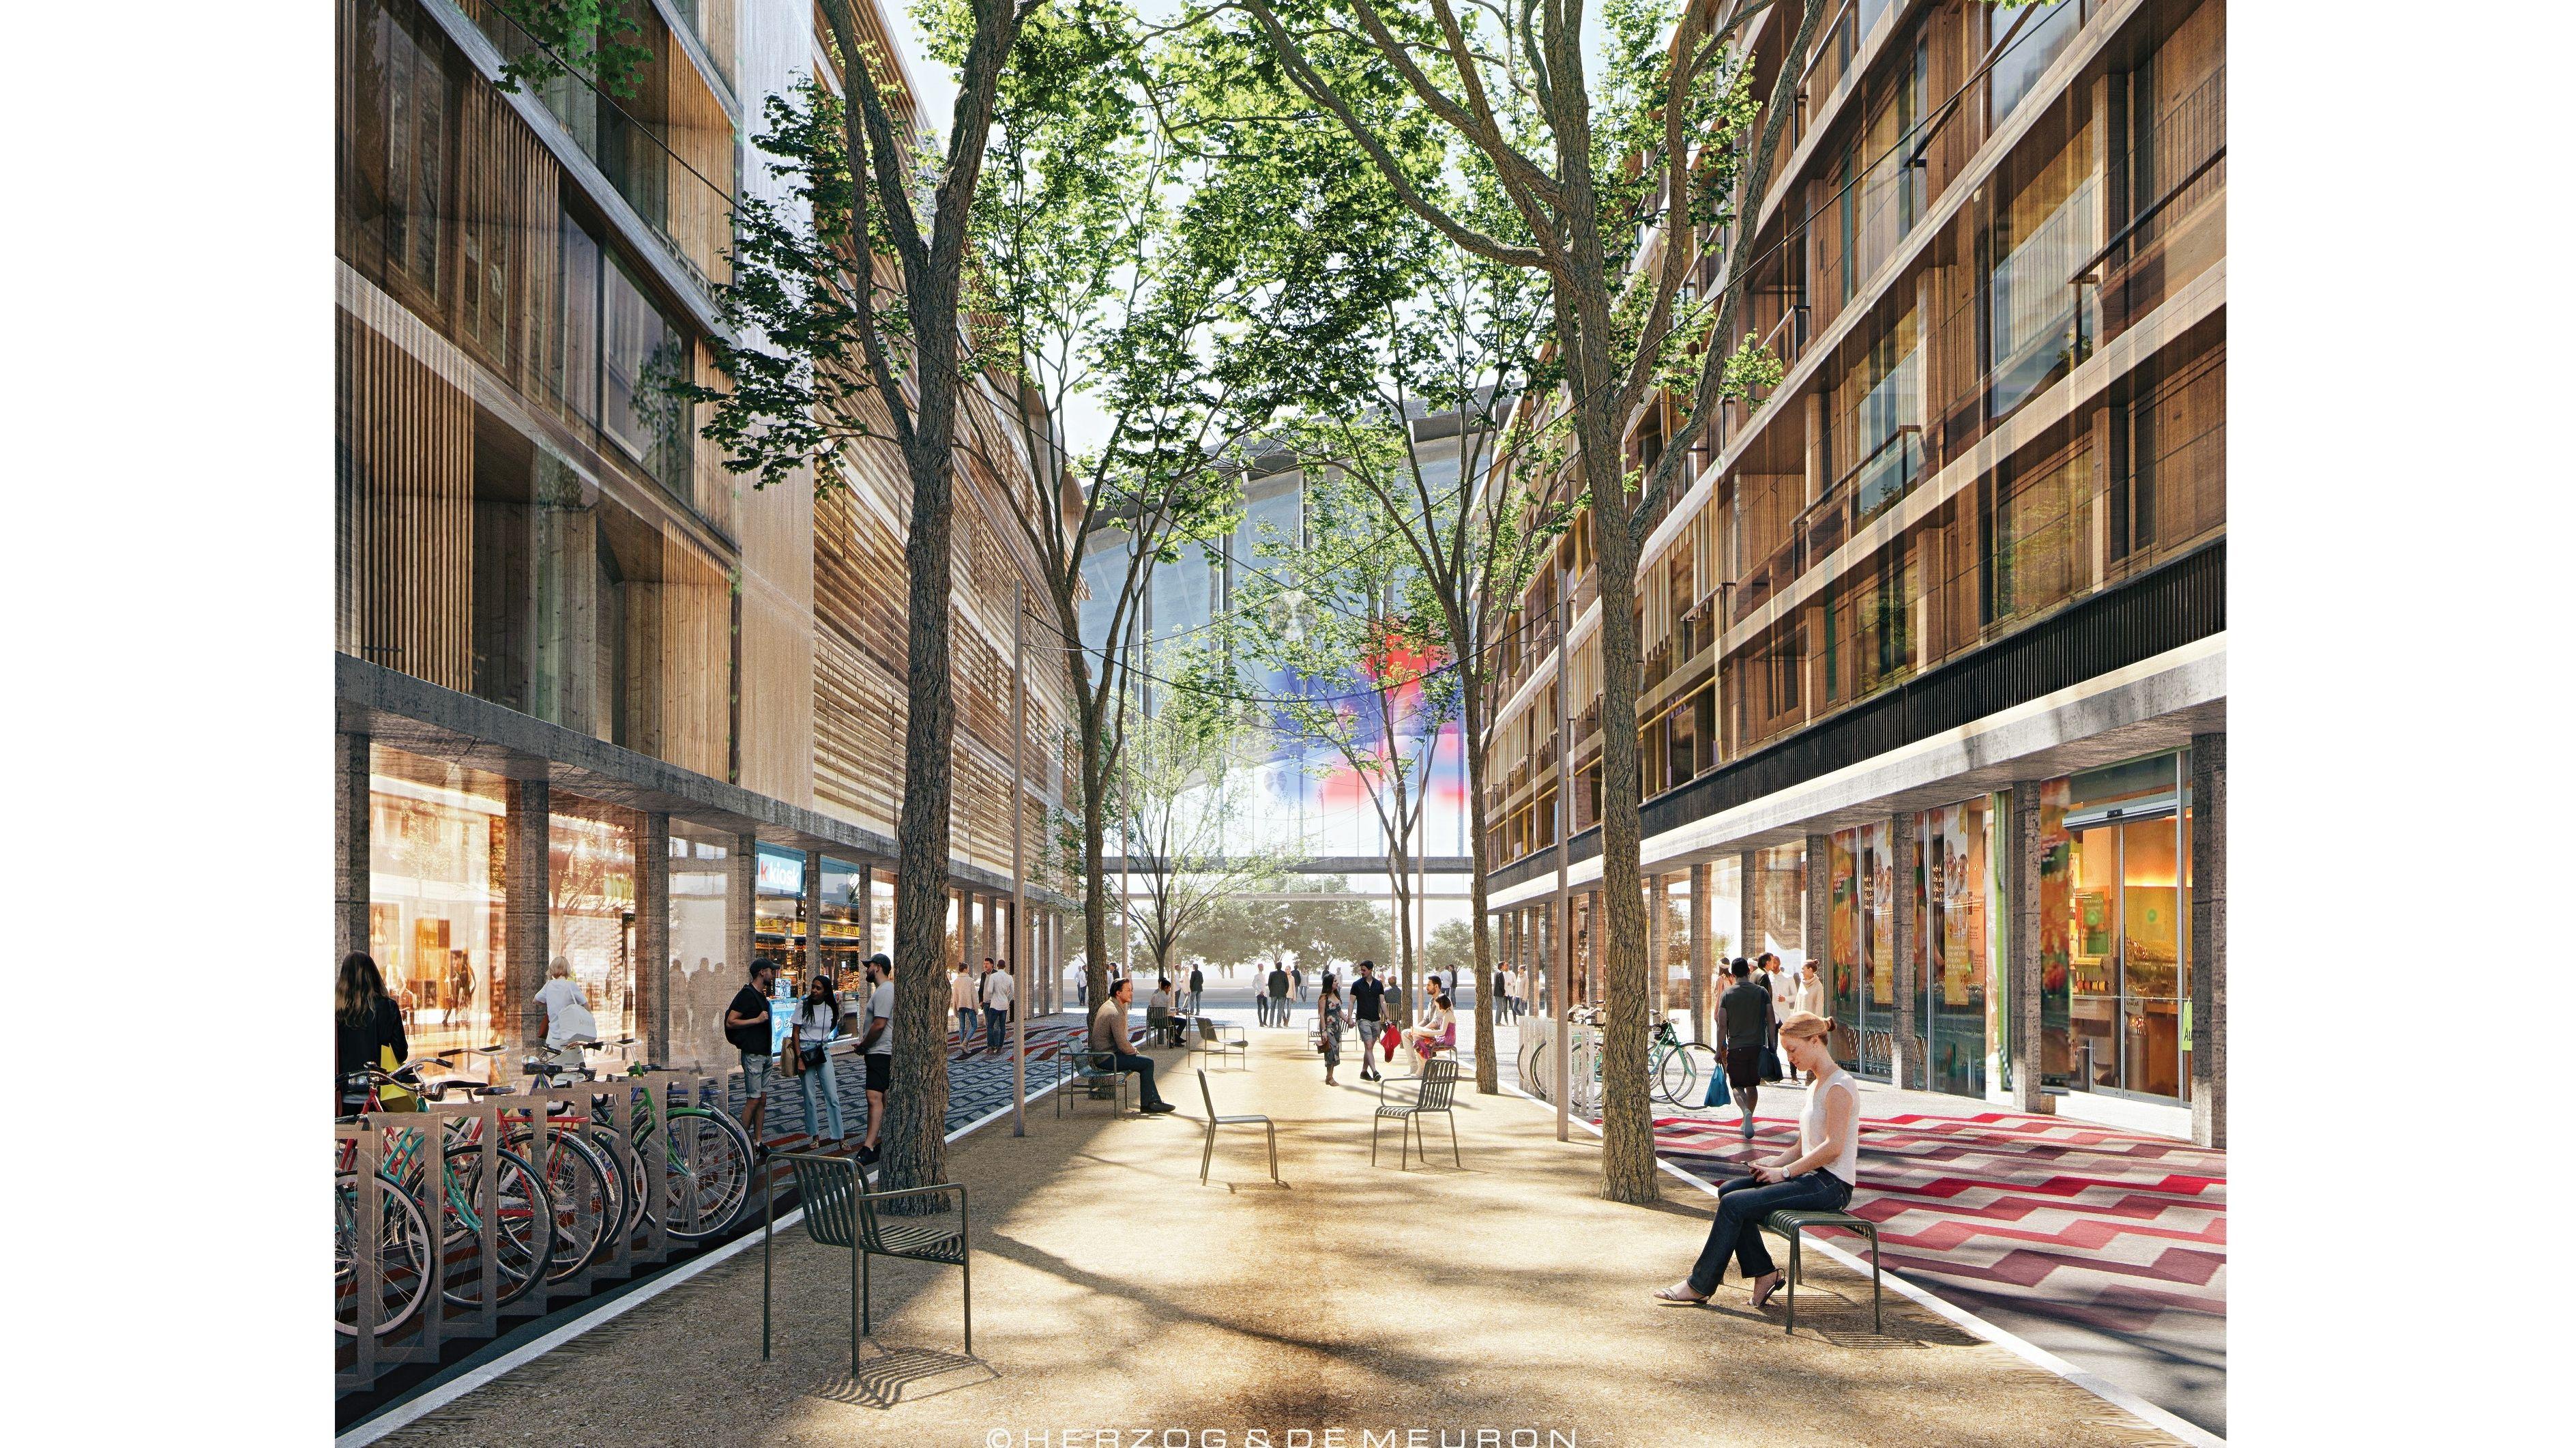 Paket-Posthalle Gasse: Urbaner Mix aus Wohnungen, Gewerbenutzungen, Bildungs- und sozialen Einrichtungen